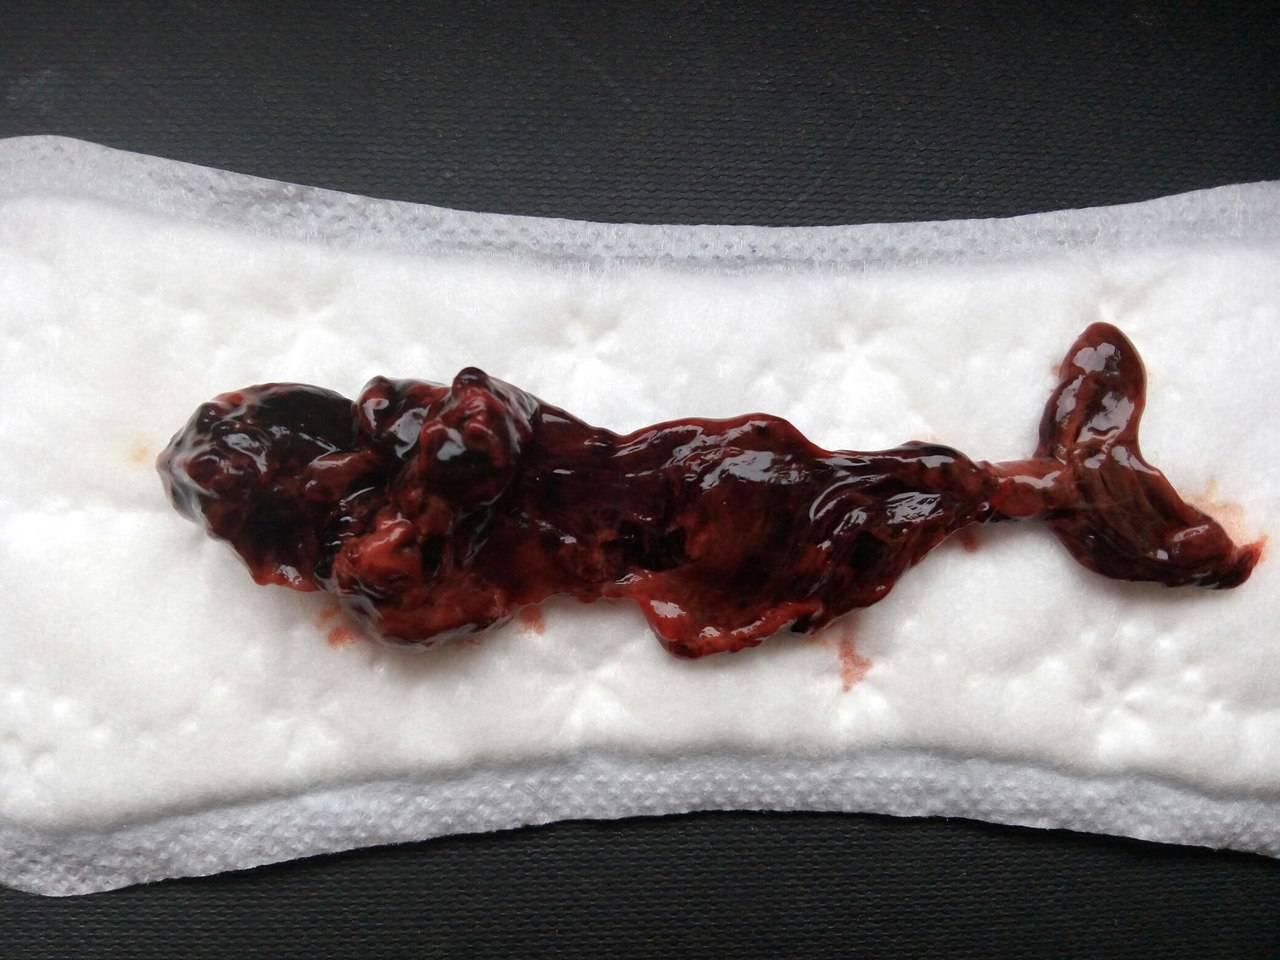 Как выходит плод при медикаментозном прерывании беременности